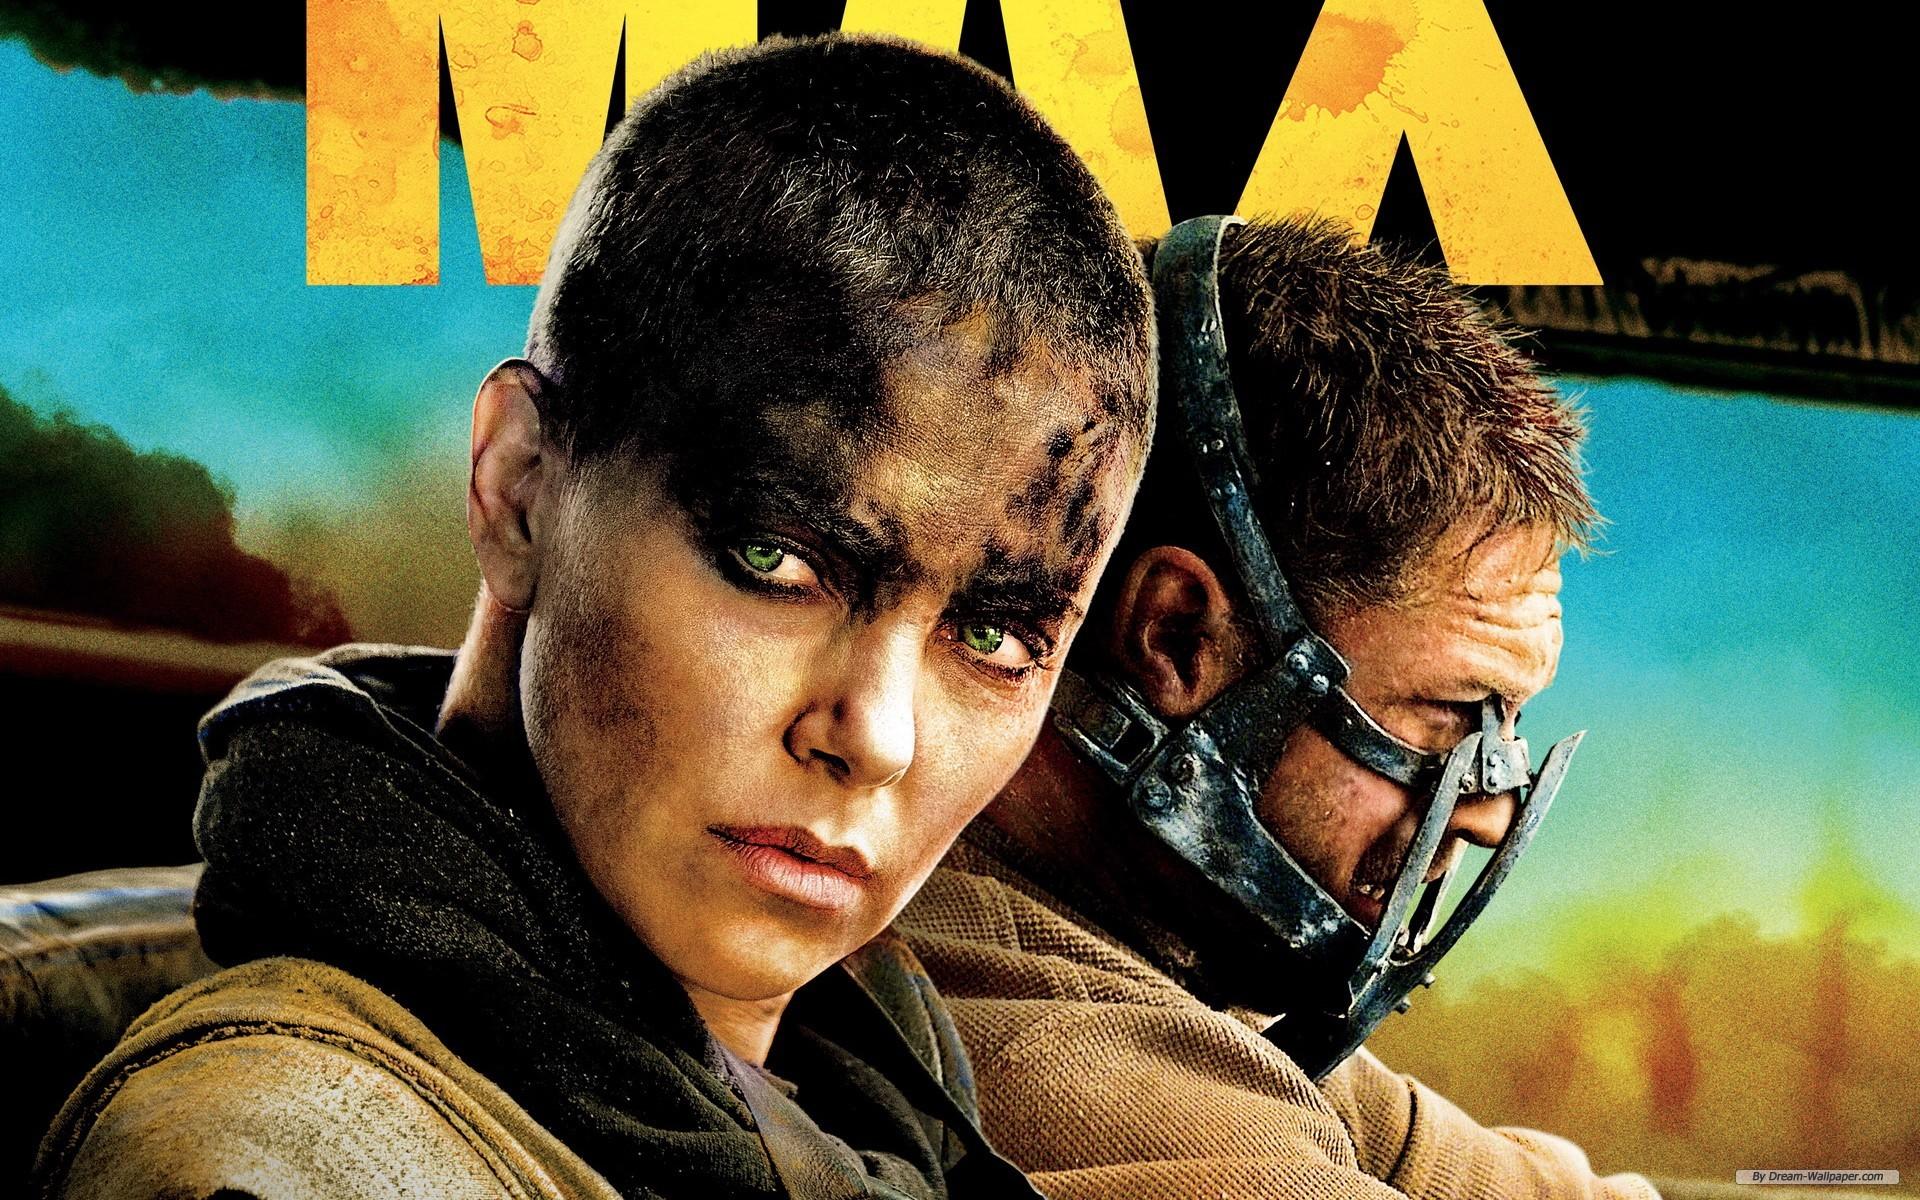 Movie wallpaper   Mad Max 4 wallpaper   1920x1200 wallpaper   Index 1 1920x1200